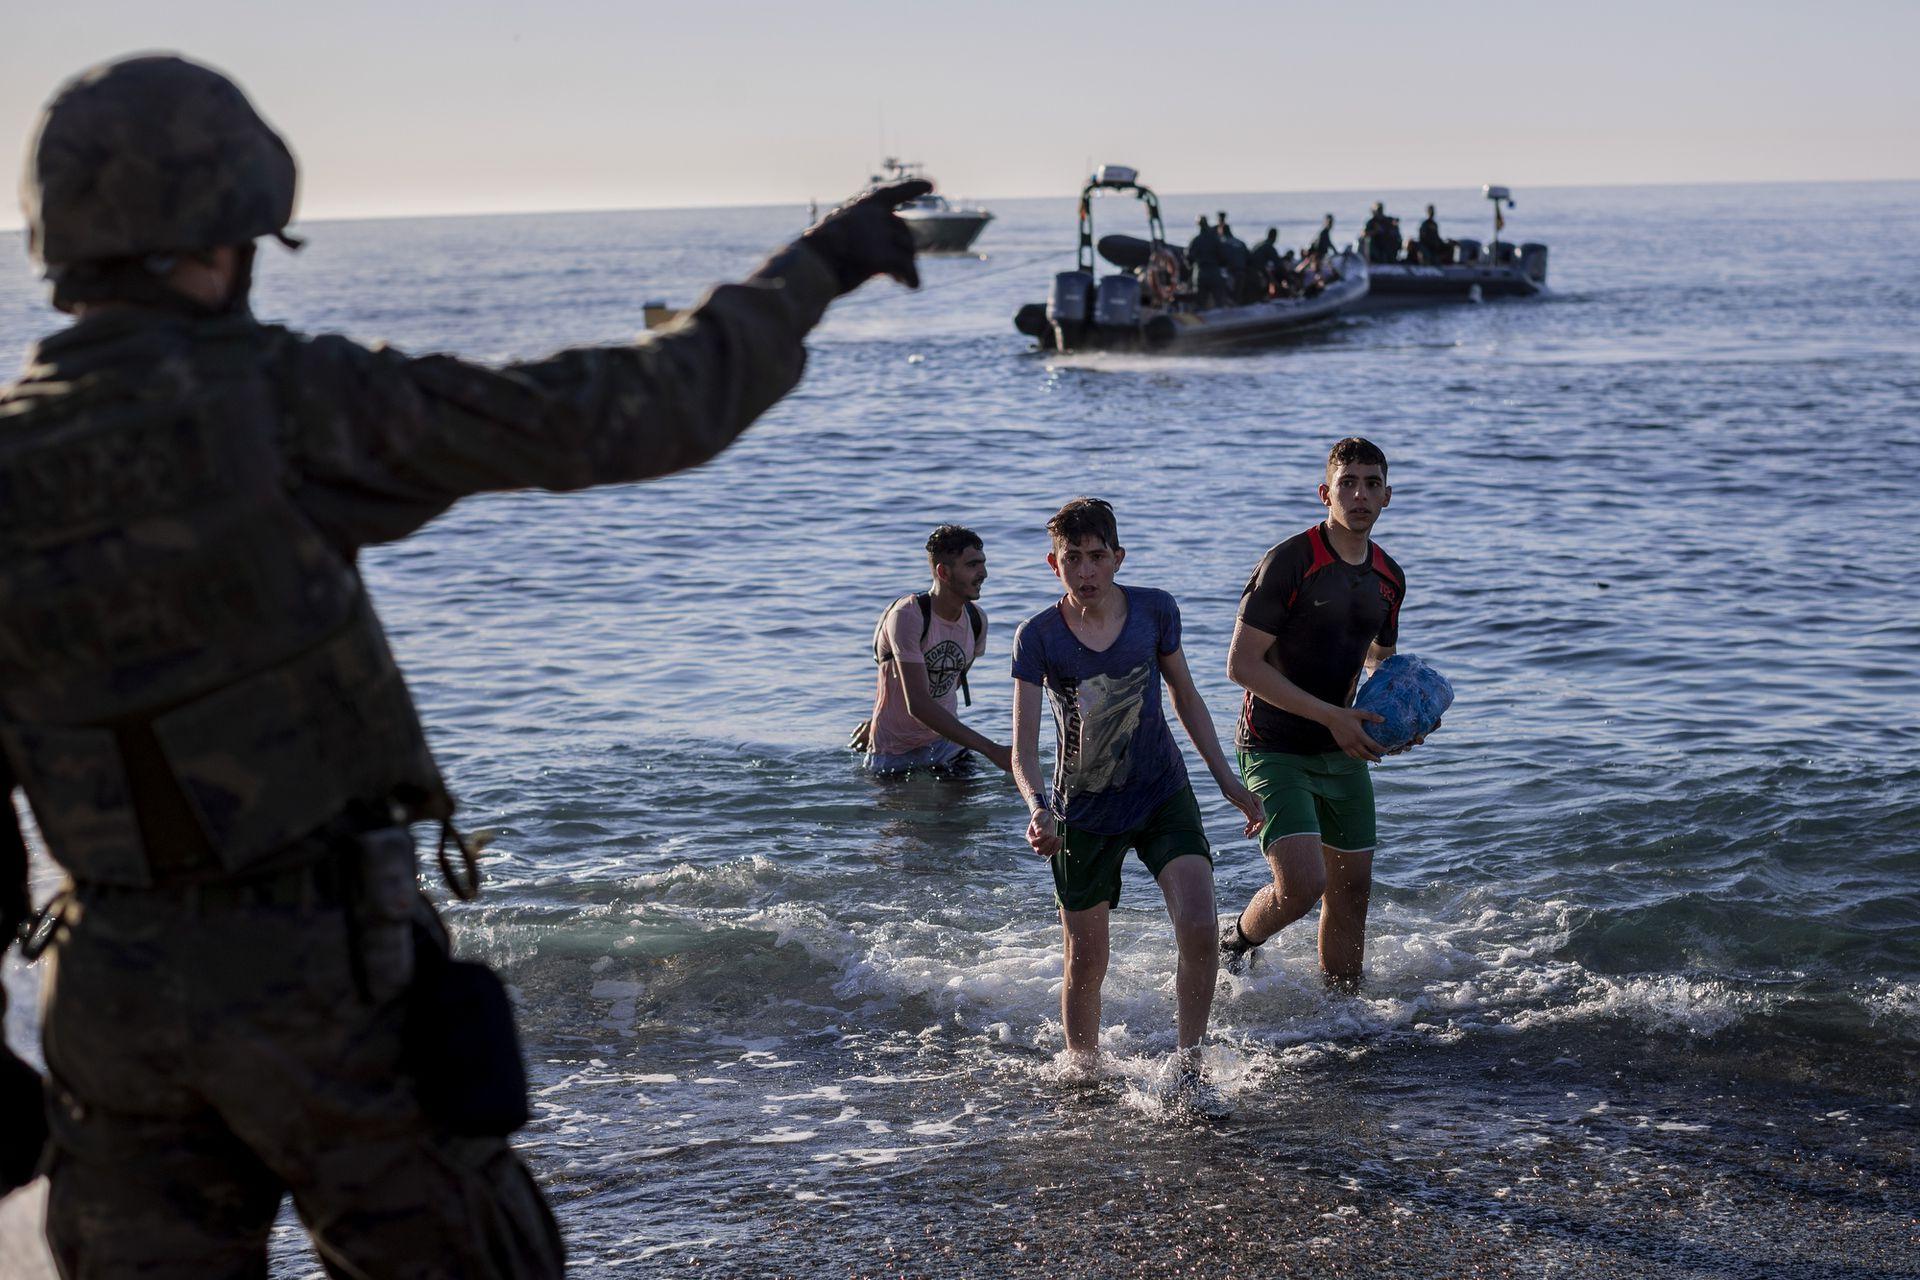 Alrededor de dos tercios de los aproximadamente 8.000 inmigrantes que llegaron al enclave de Ceuta han sido expulsados